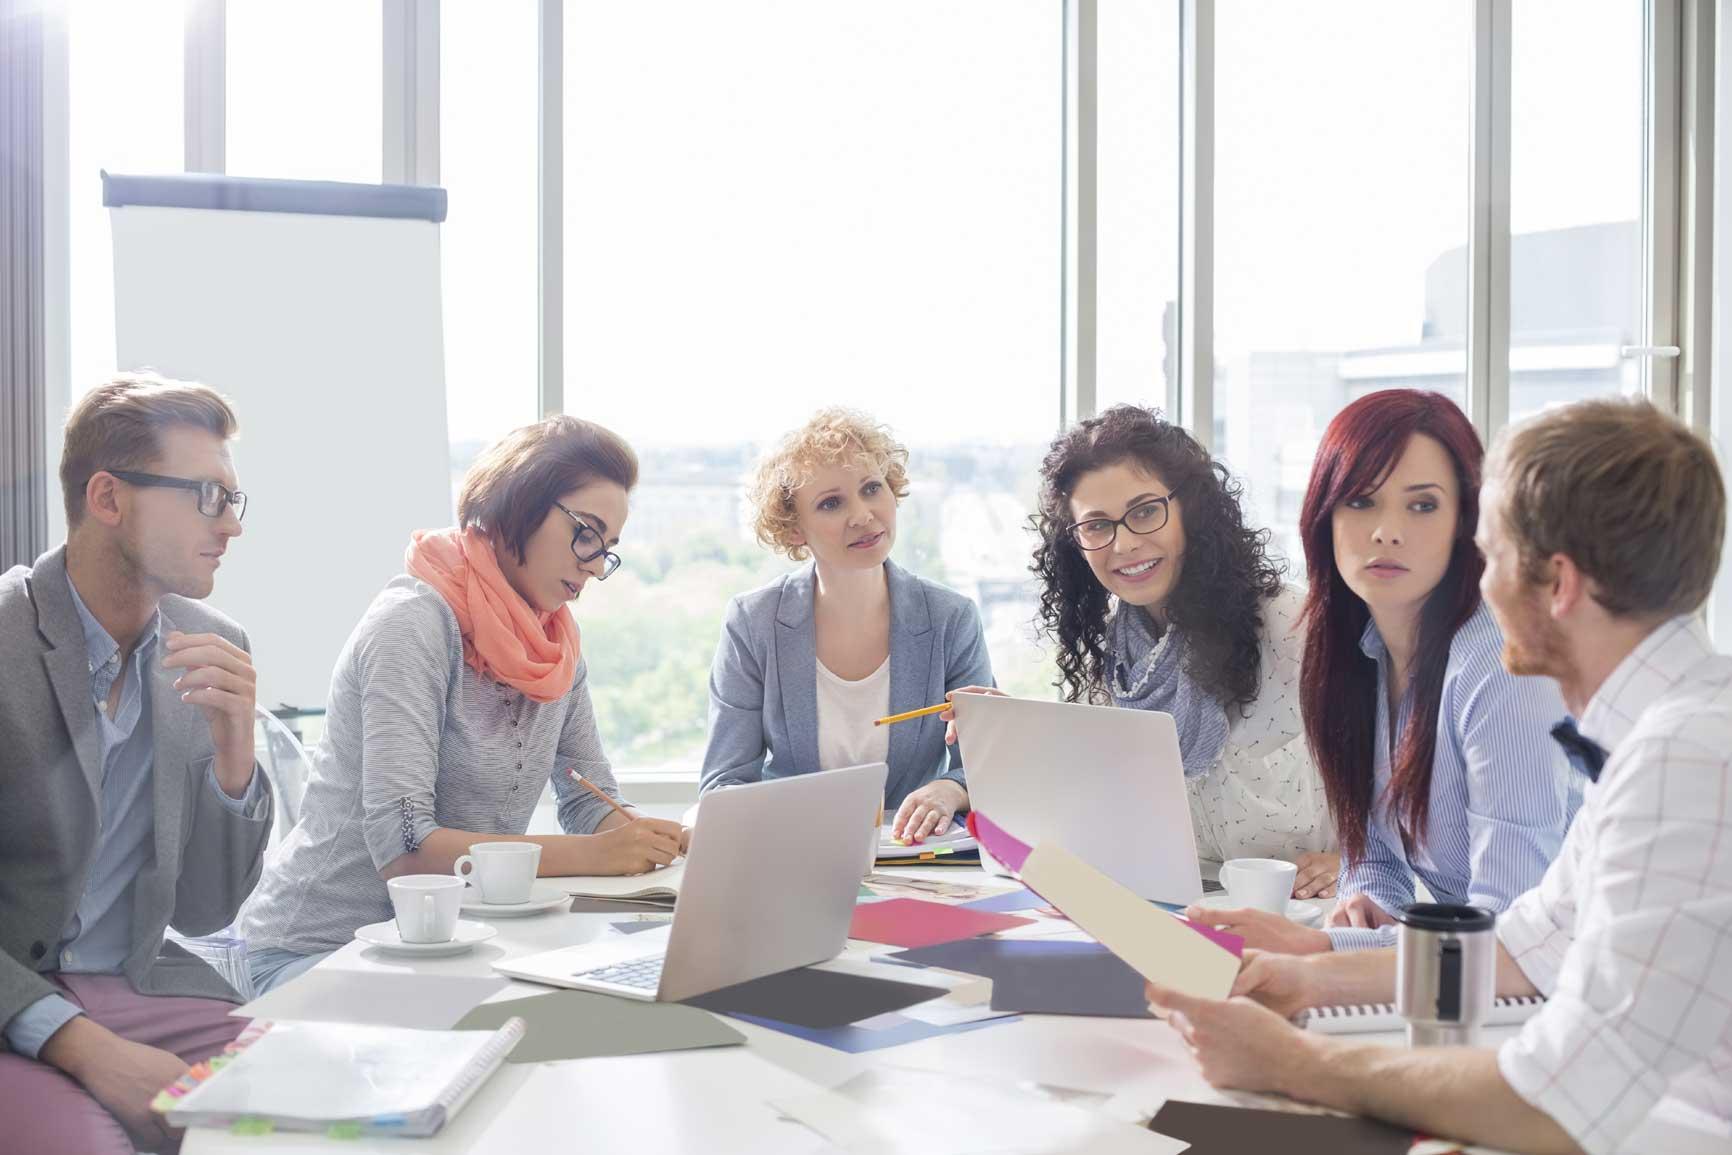 Ihre Mitarbeiter nehmen unsere Good Practice auf und können somit als Multiplikatoren in Ihrem Unternehmen agieren.